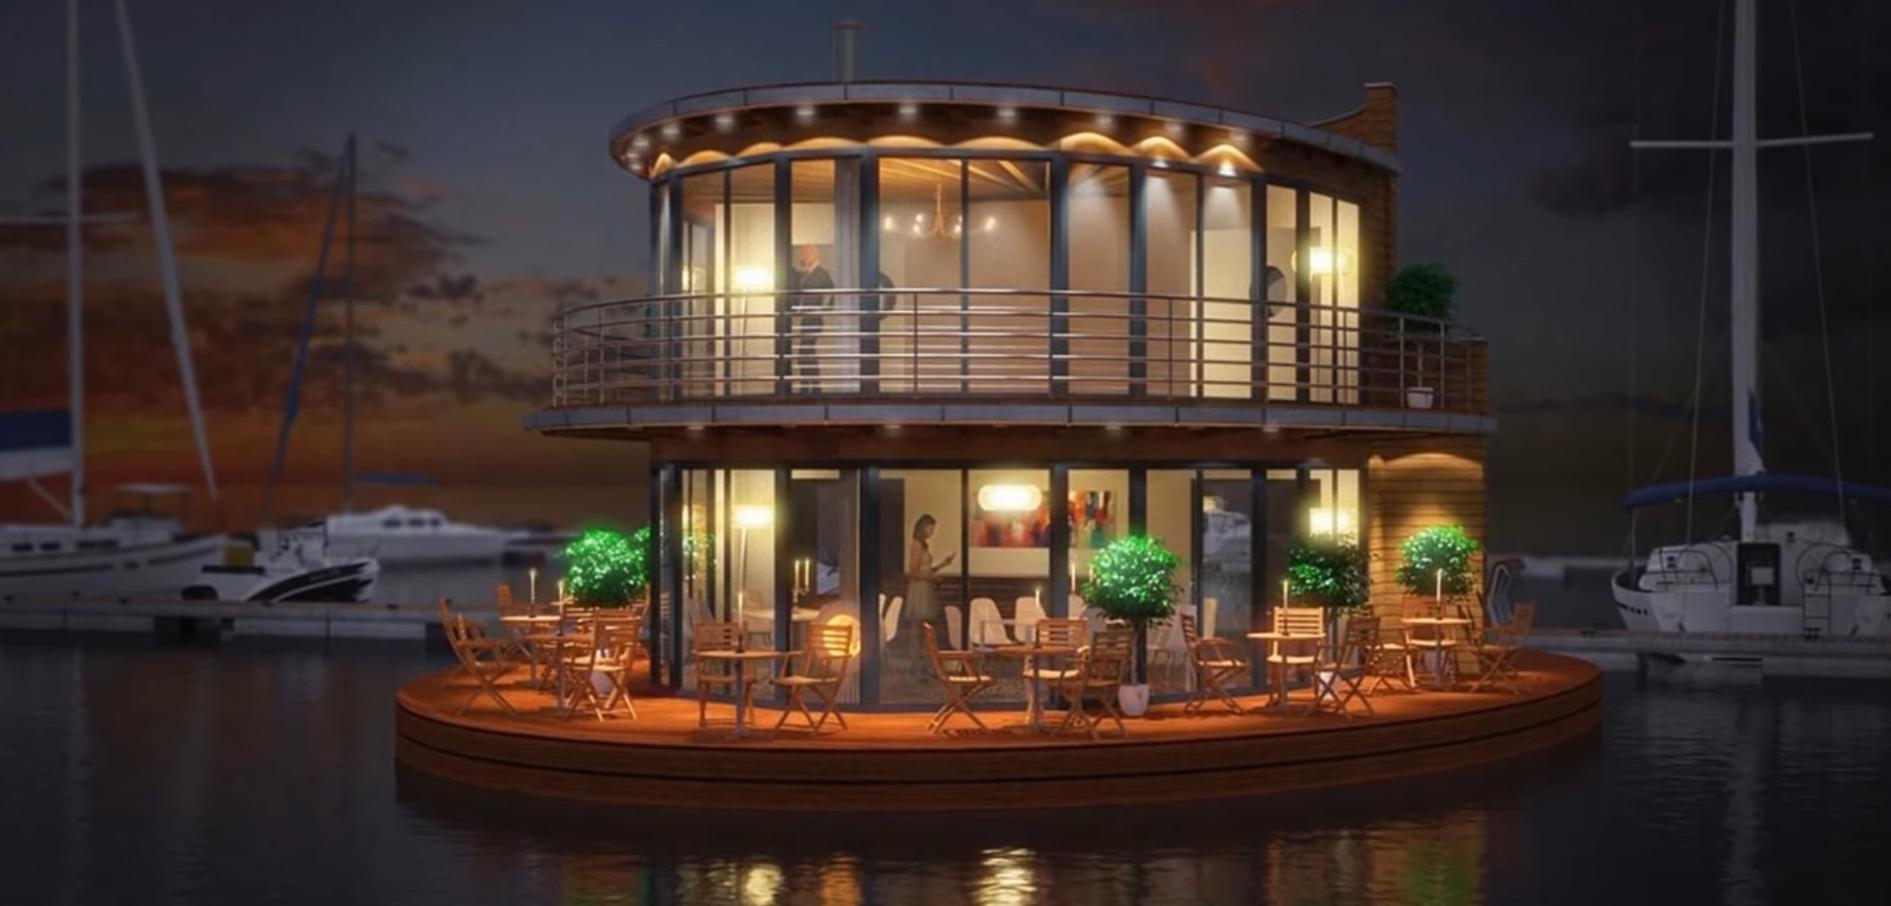 ¿Podremos vivir en una casa flotante enun futuro cercano? 1